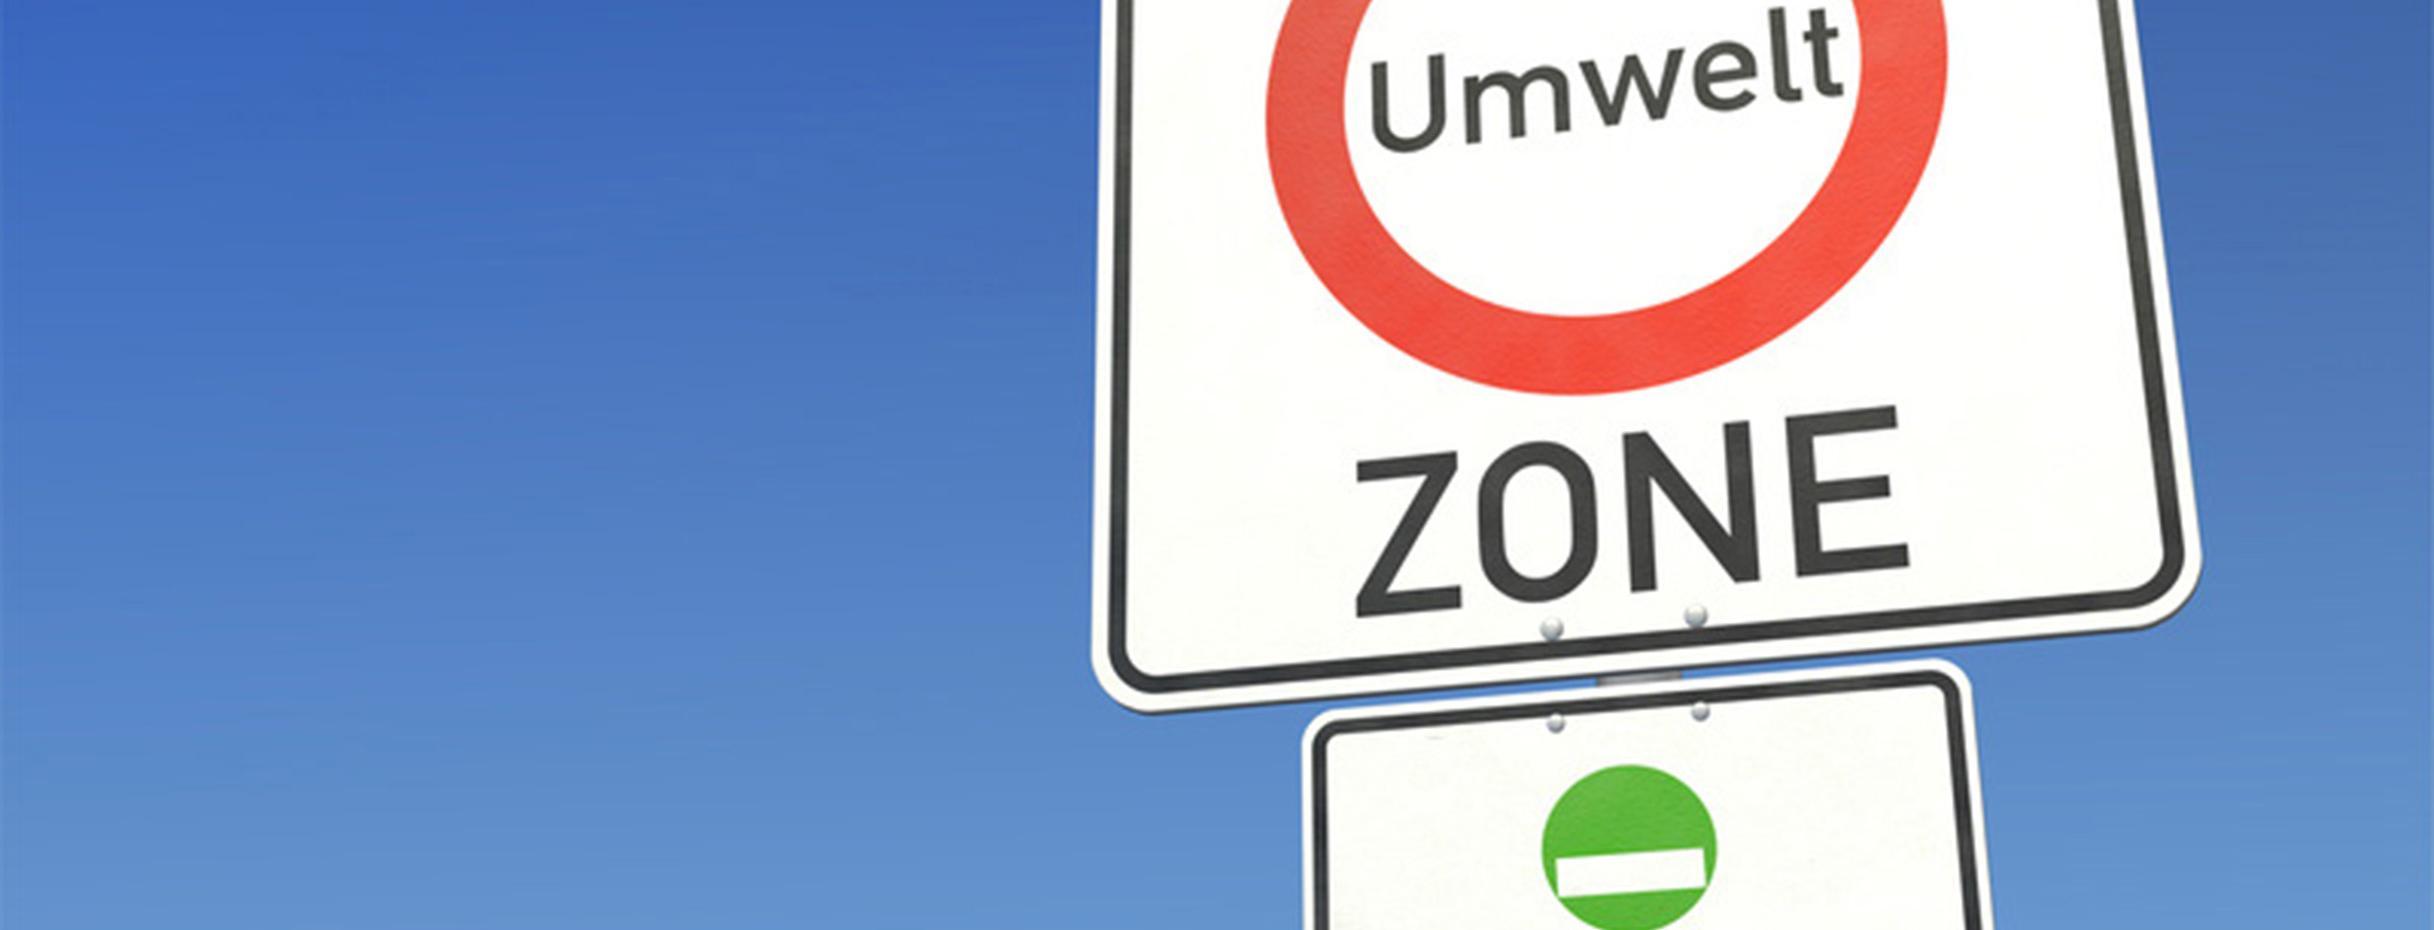 Umweltzone Karlsruhe Karte.Umweltzonen Und Lkw Durchfahrtsverbote Ministerium Für Verkehr